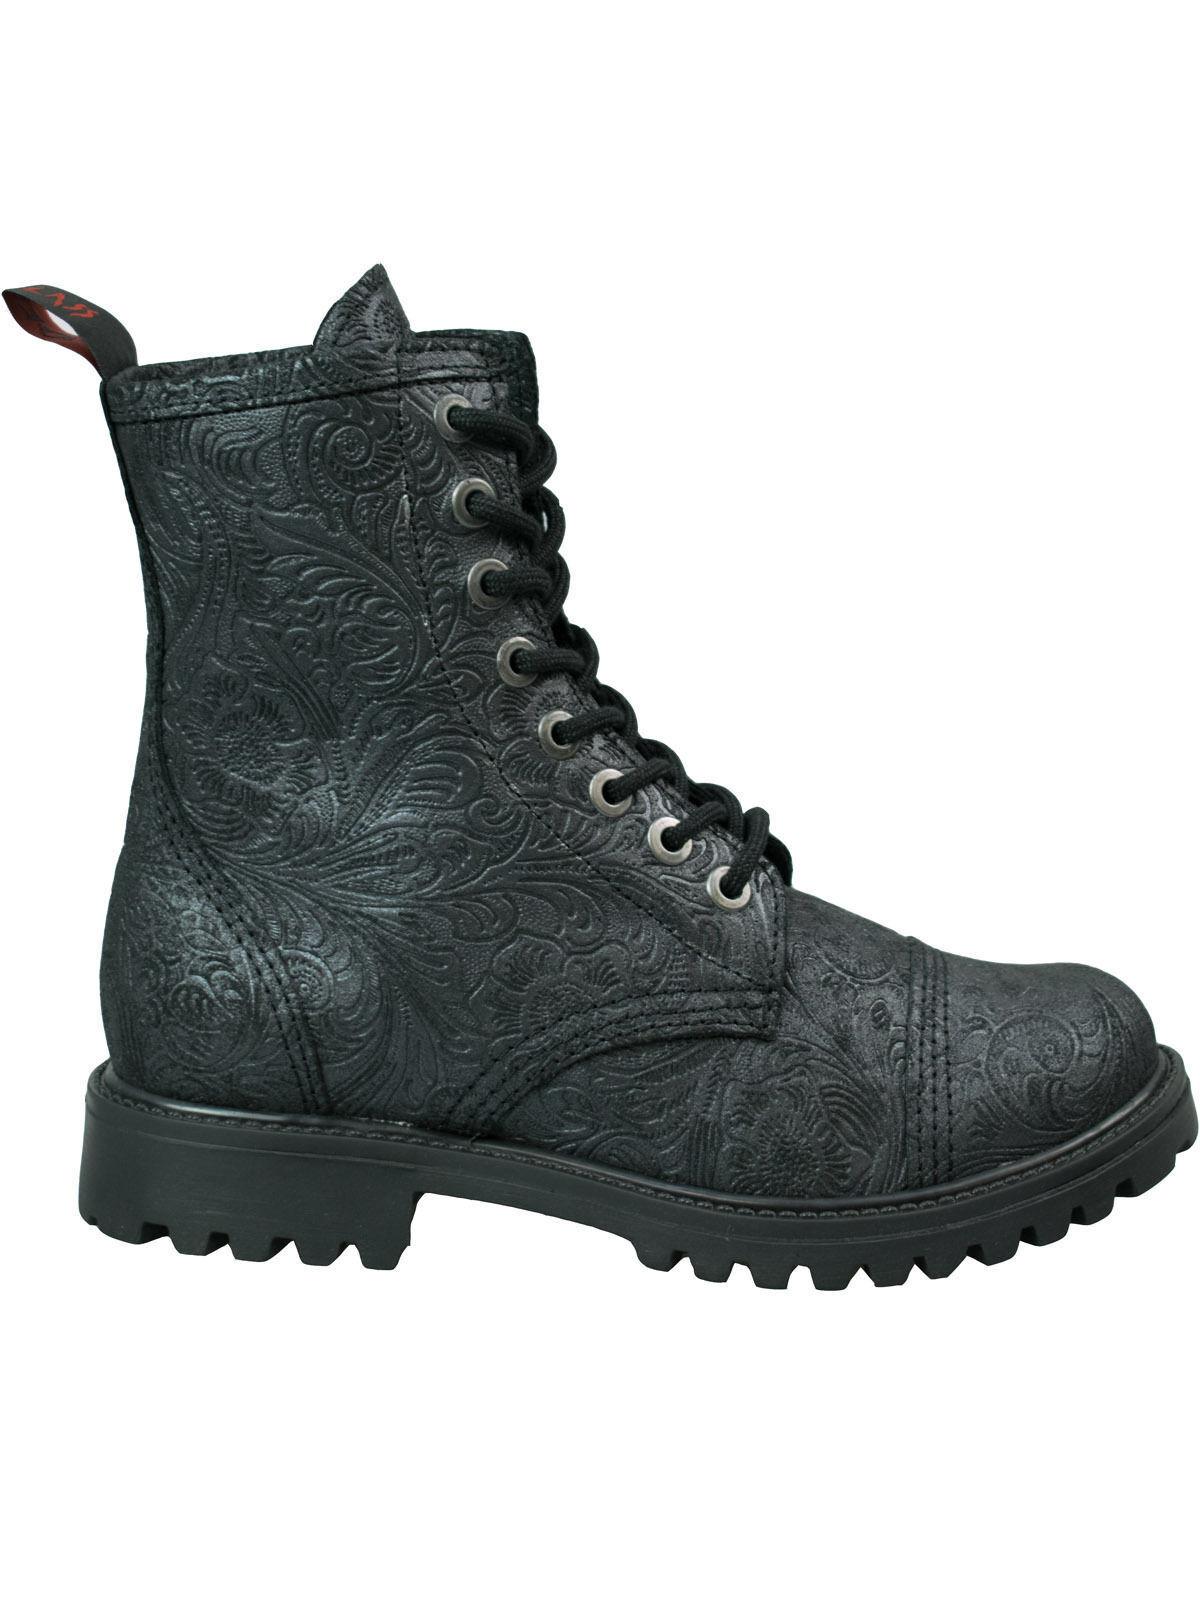 Aderlass 8-loch Boot Stiefel Gothic Leather Brocade Schwarz Brokat Gothic Stiefel #5000 e57990